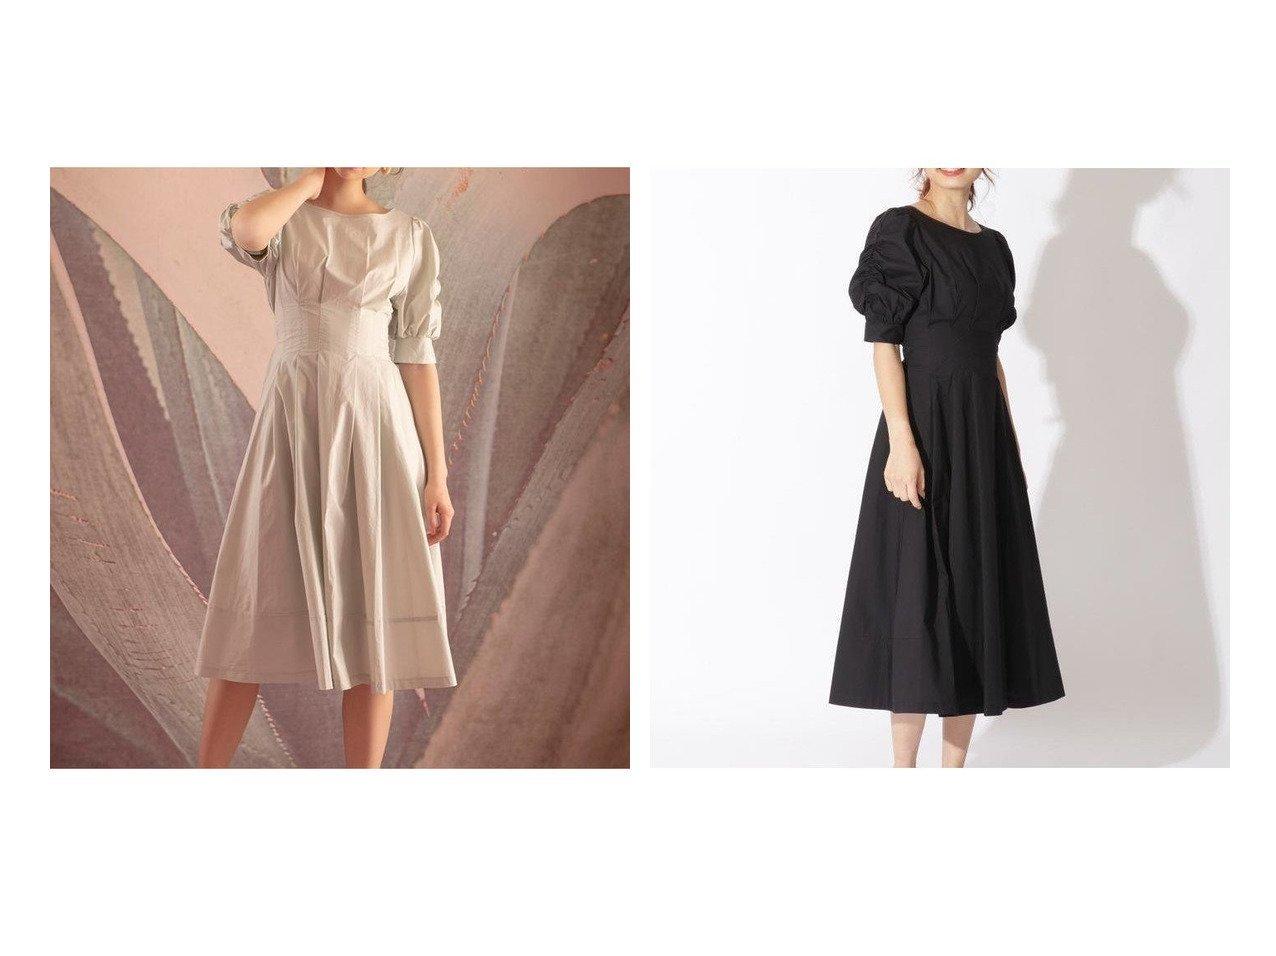 【And Couture/アンドクチュール】のタイプライター袖シャーリングワンピース 【ワンピース・ドレス】おすすめ!人気、トレンド・レディースファッションの通販 おすすめで人気の流行・トレンド、ファッションの通販商品 インテリア・家具・メンズファッション・キッズファッション・レディースファッション・服の通販 founy(ファニー) https://founy.com/ ファッション Fashion レディースファッション WOMEN ワンピース Dress NEW・新作・新着・新入荷 New Arrivals ギャザー シャーリング スリーブ タイプライター トレンド  ID:crp329100000054613